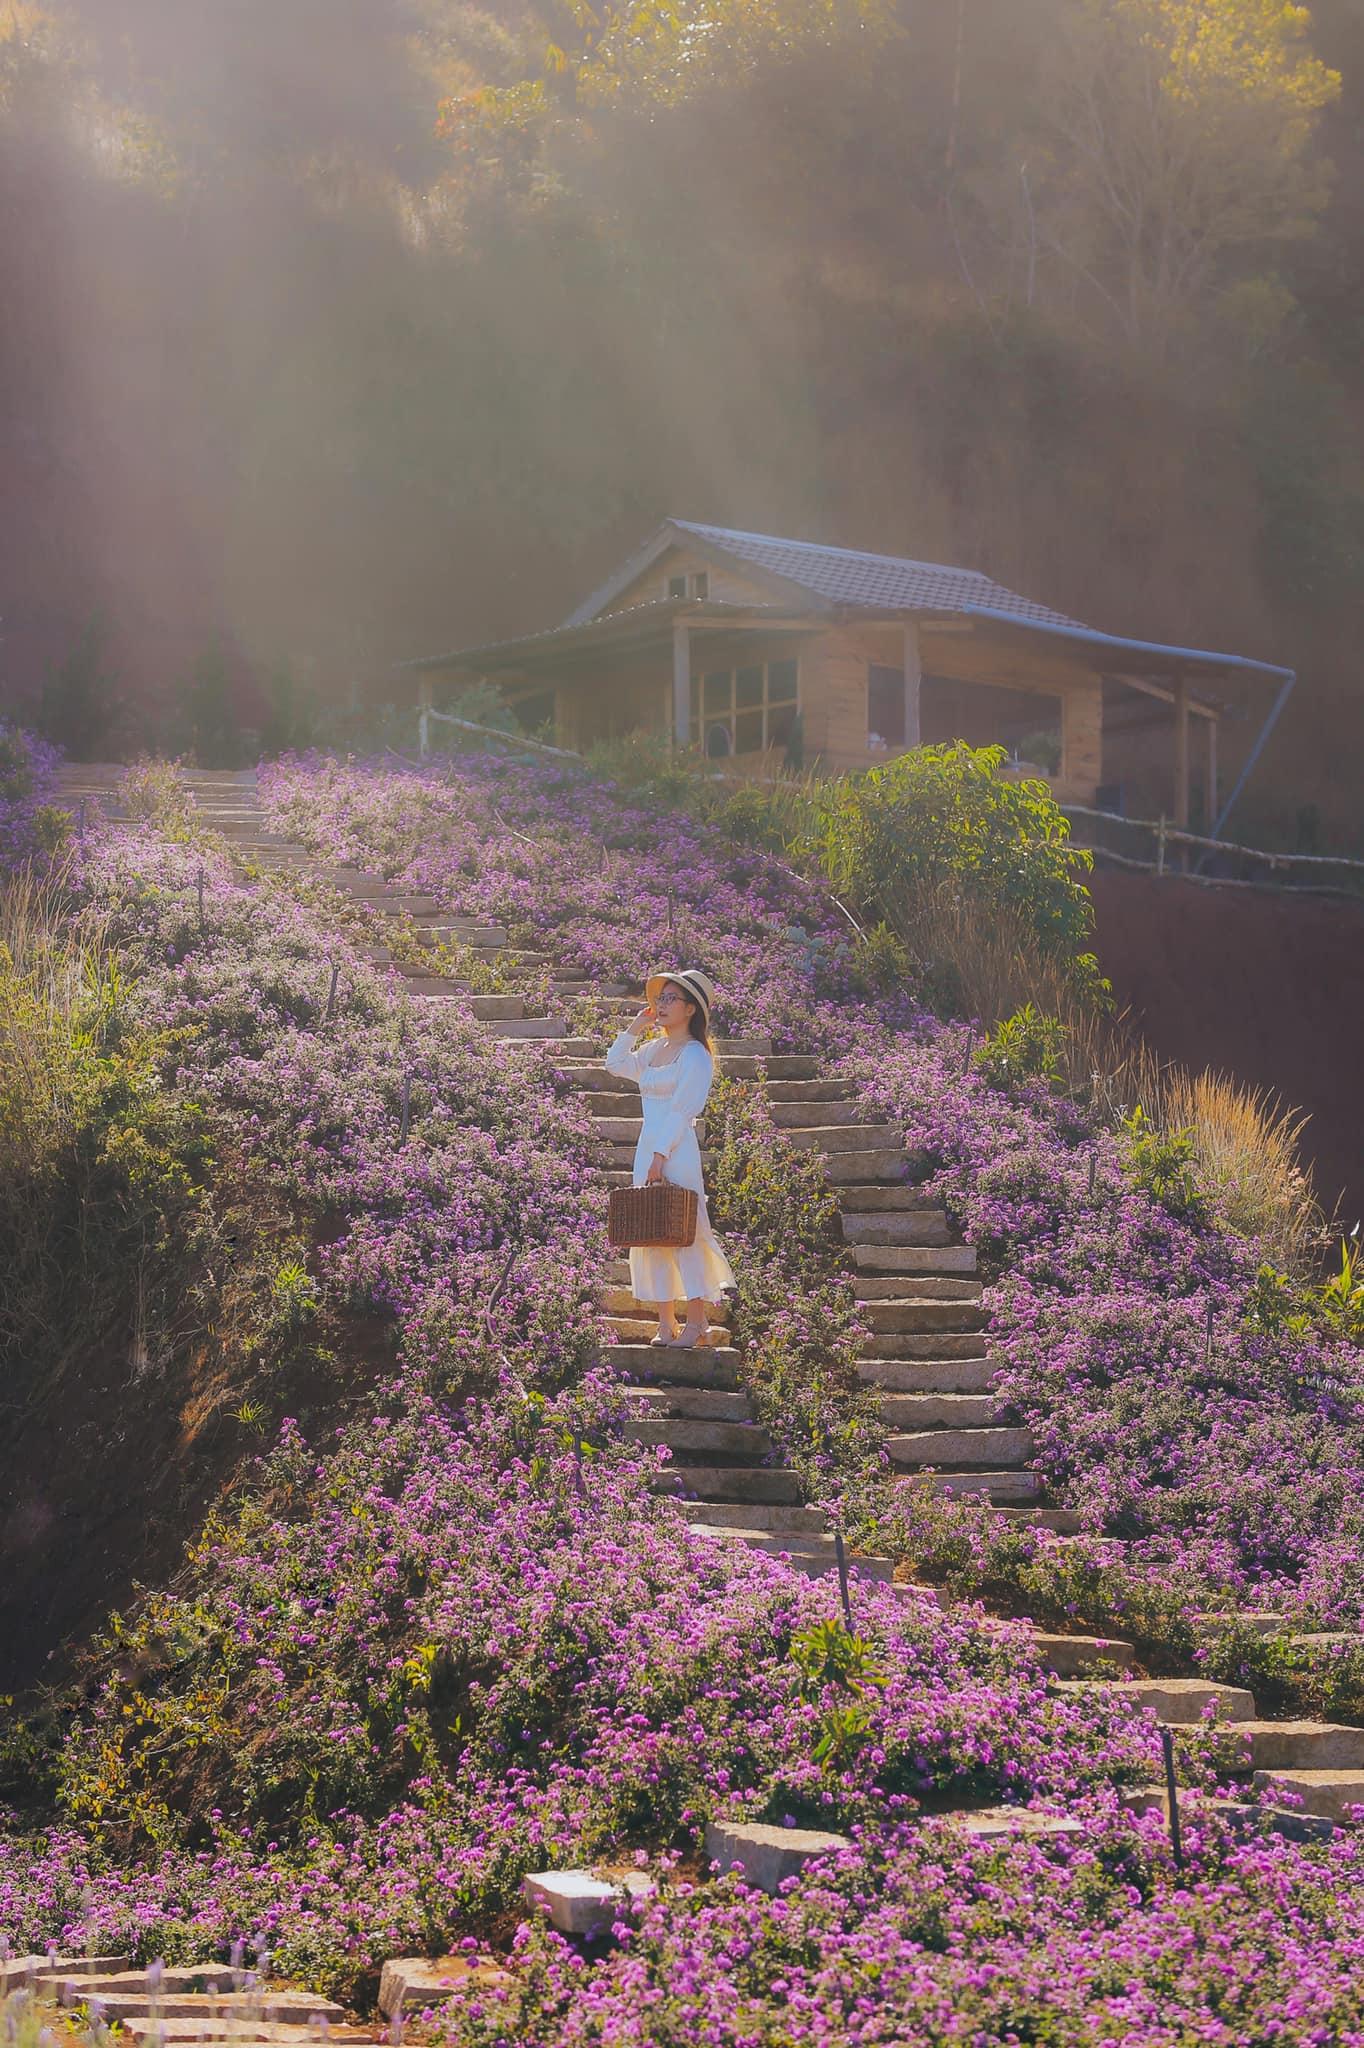 Vườn hoa lavender Túi Thương Nhớ. Hình: Sưu tầm